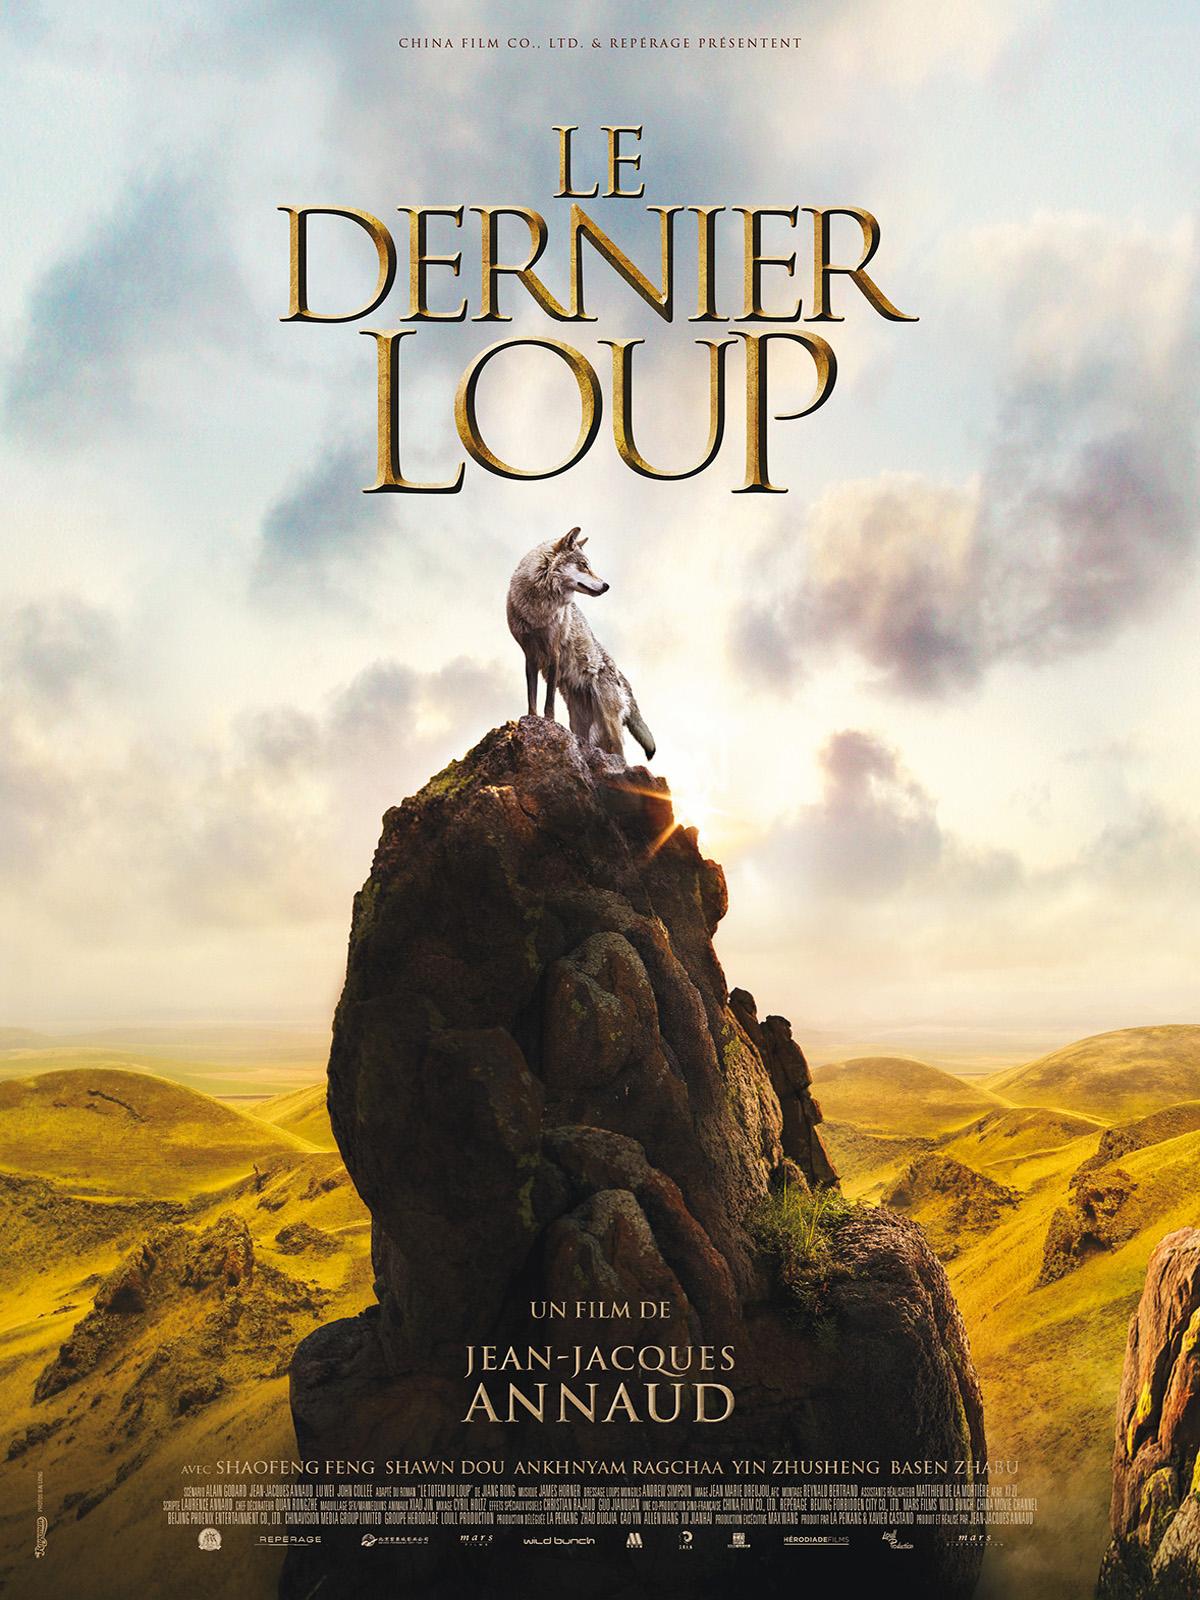 Film Fest Gent Le Dernier Loup